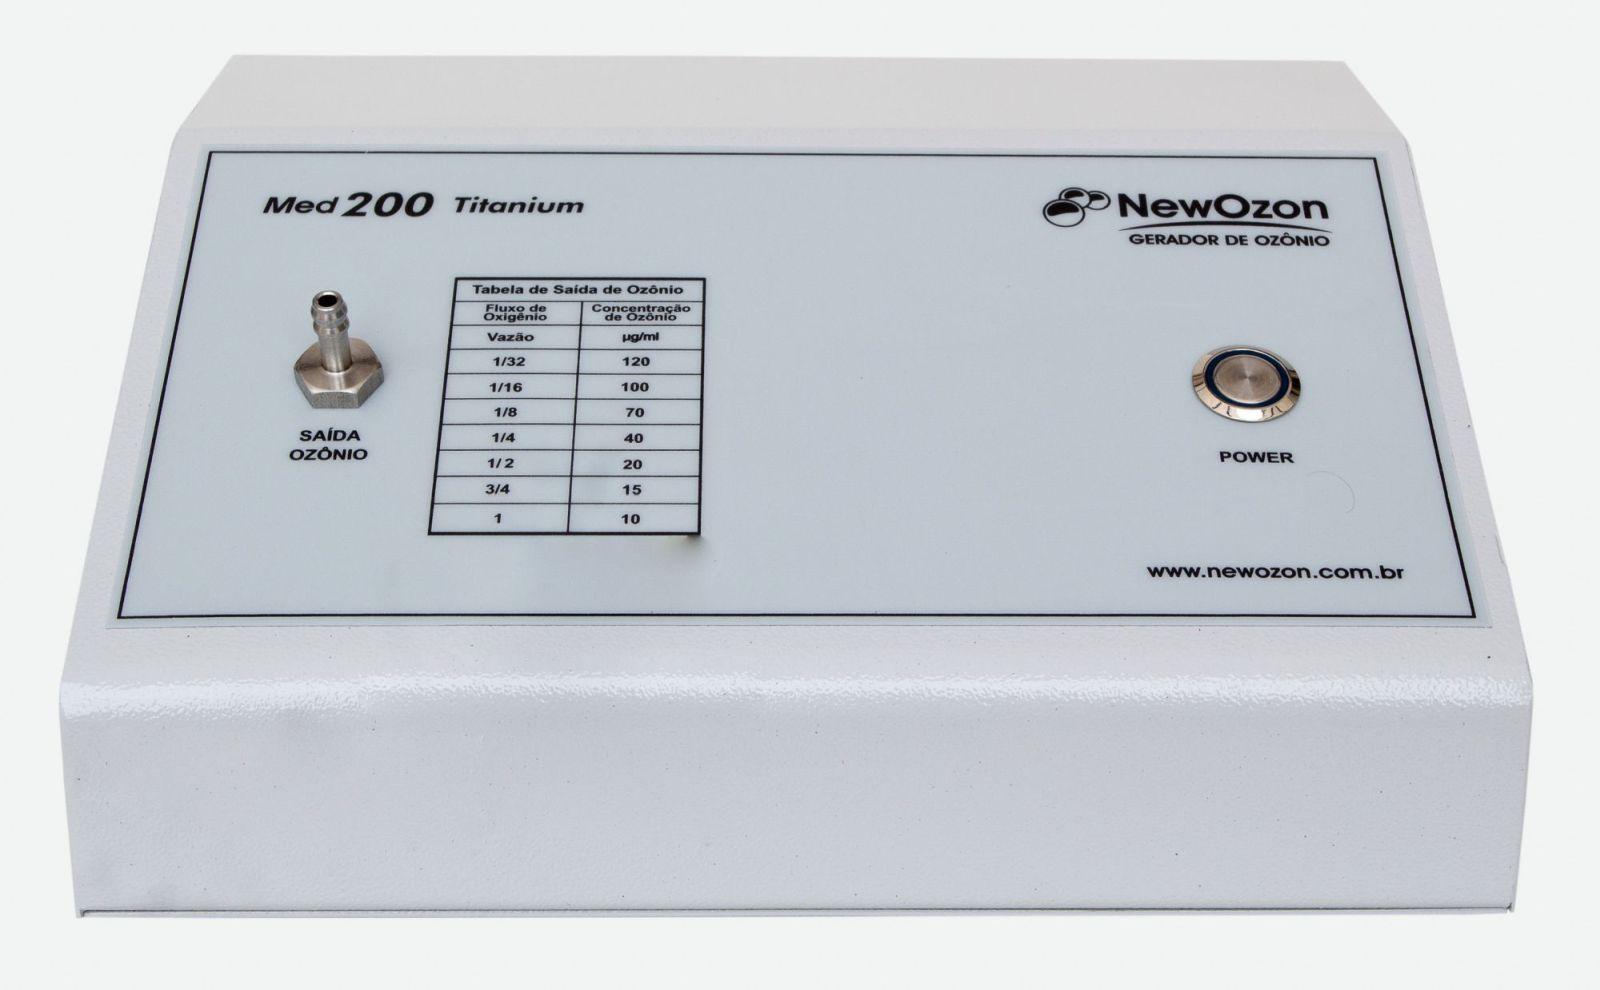 NewOzon Med 200 Titanium Gerador de Ozônio de Uso Medicinal, indicado para uso Médico, Odontológico ou Veterinário.